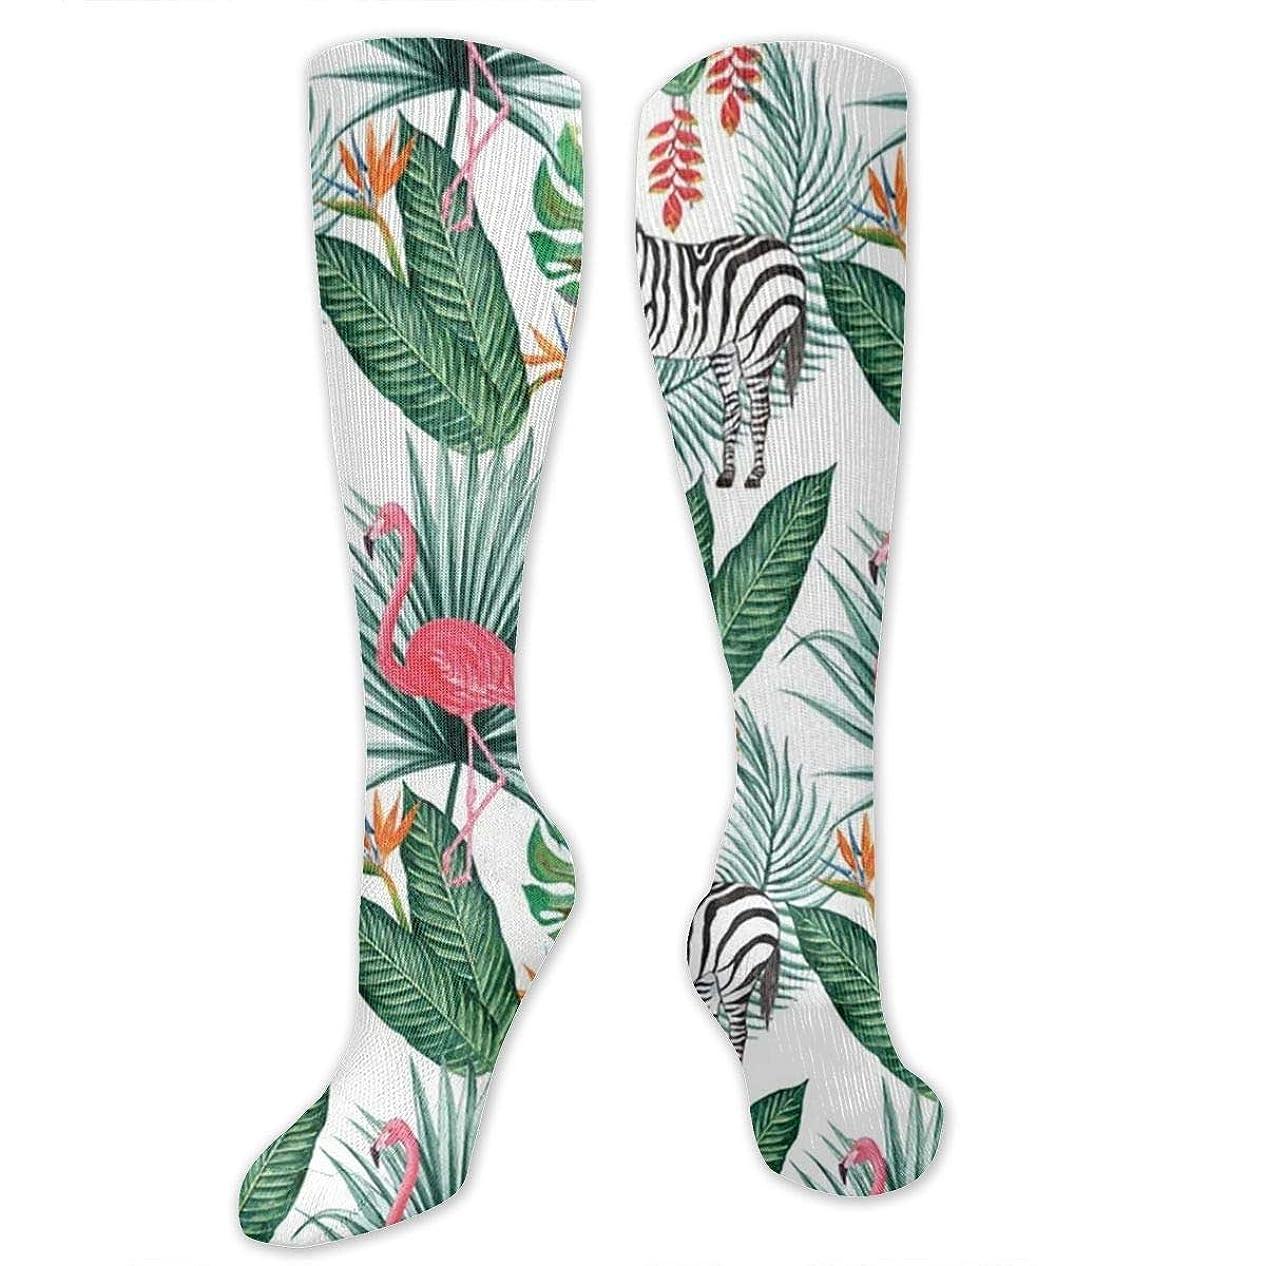 クアッガキャンバス一般的な靴下,ストッキング,野生のジョーカー,実際,秋の本質,冬必須,サマーウェア&RBXAA Flamingo Zebra Socks Women's Winter Cotton Long Tube Socks Cotton Solid & Patterned Dress Socks